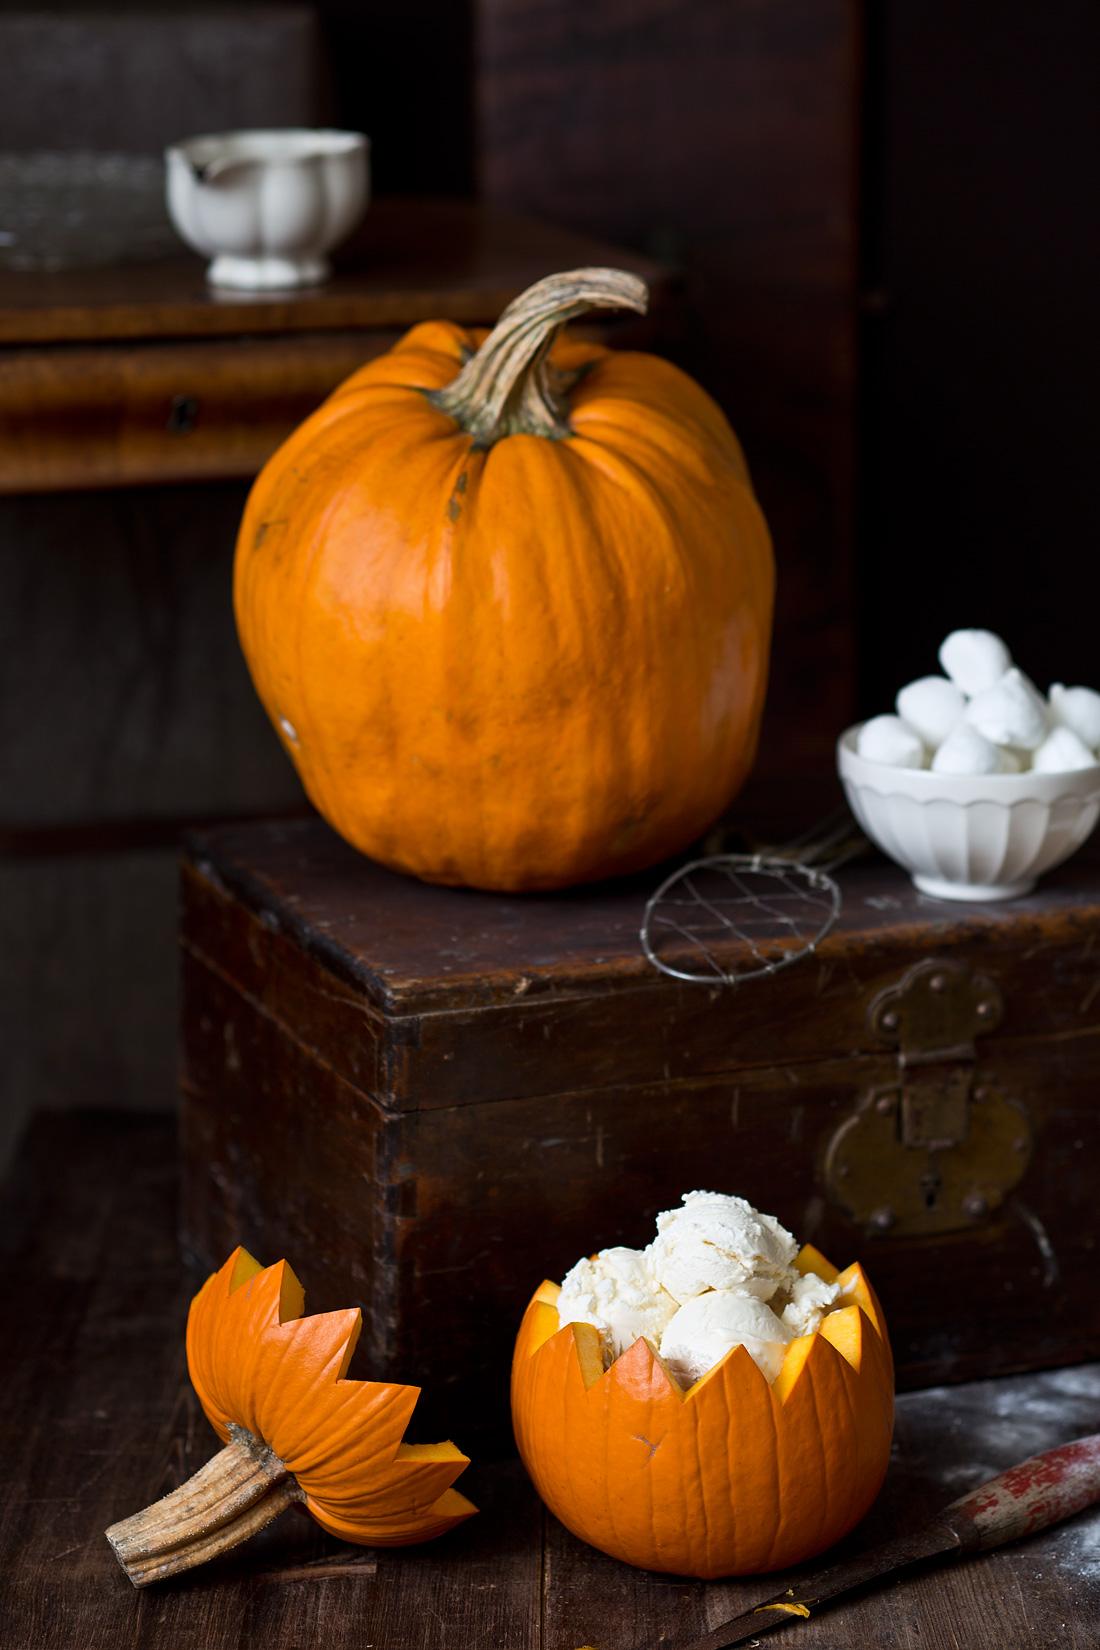 Halloweenpumpkin1©Anna-Lefvert